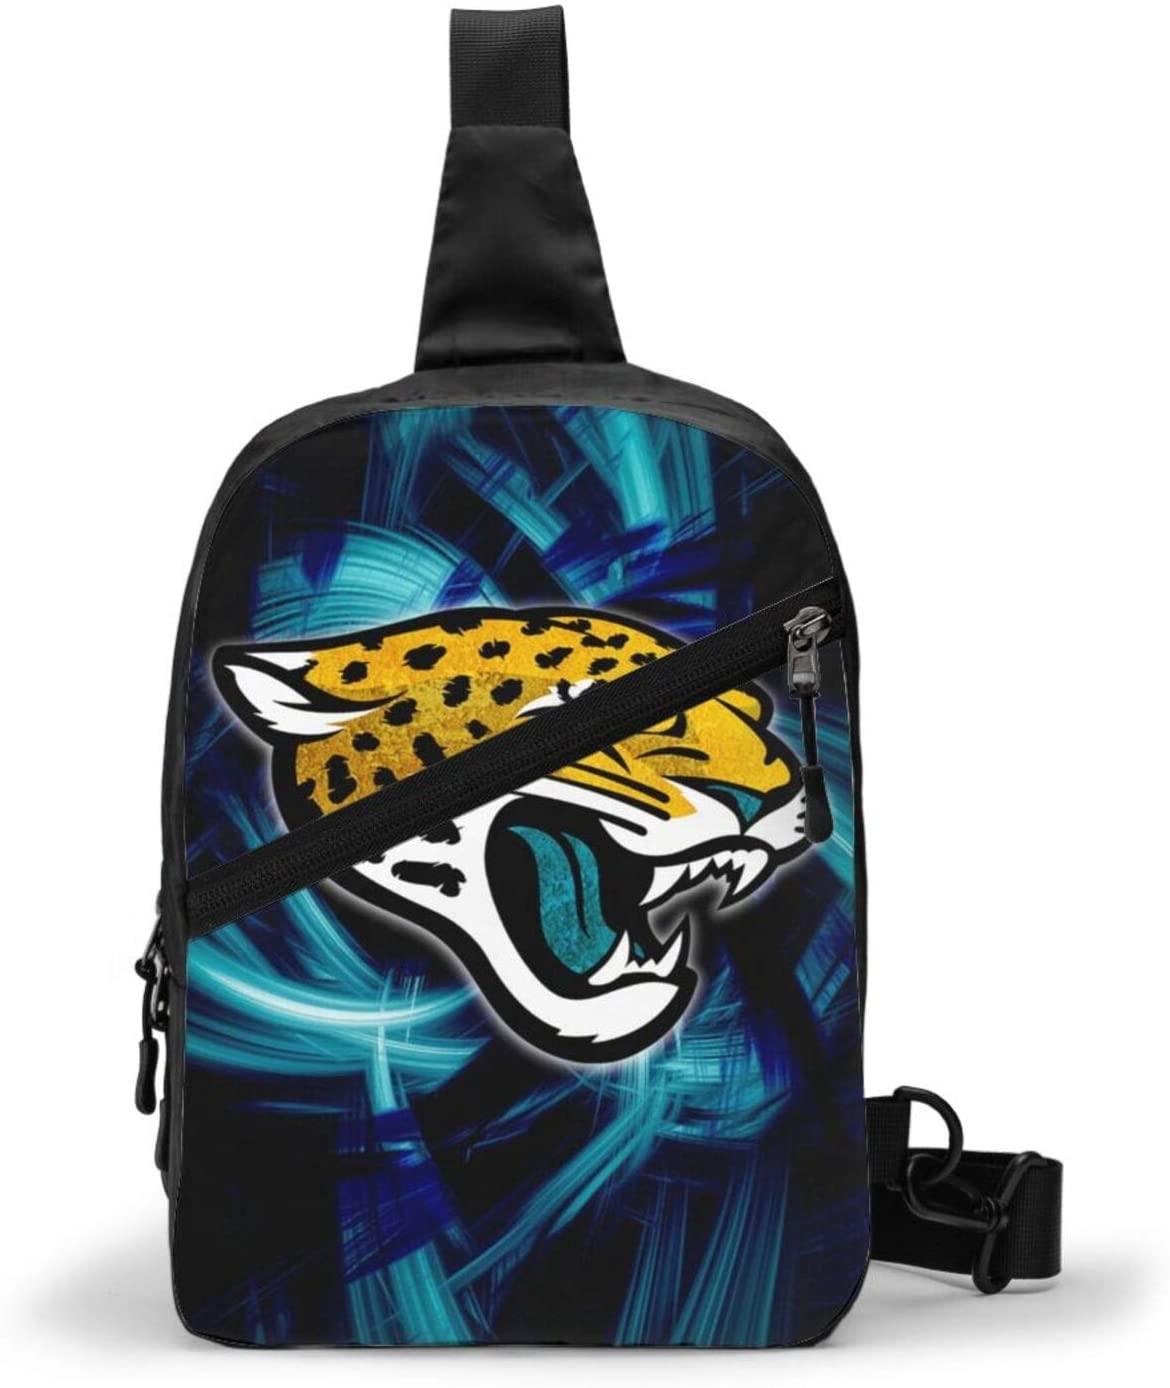 FDLB Jacksonville Football Jaguar Chest Package Sling Bag Large Capacity Multipurpose Daypack Men Women Chest Shoulder Backpack Casual Crossbody